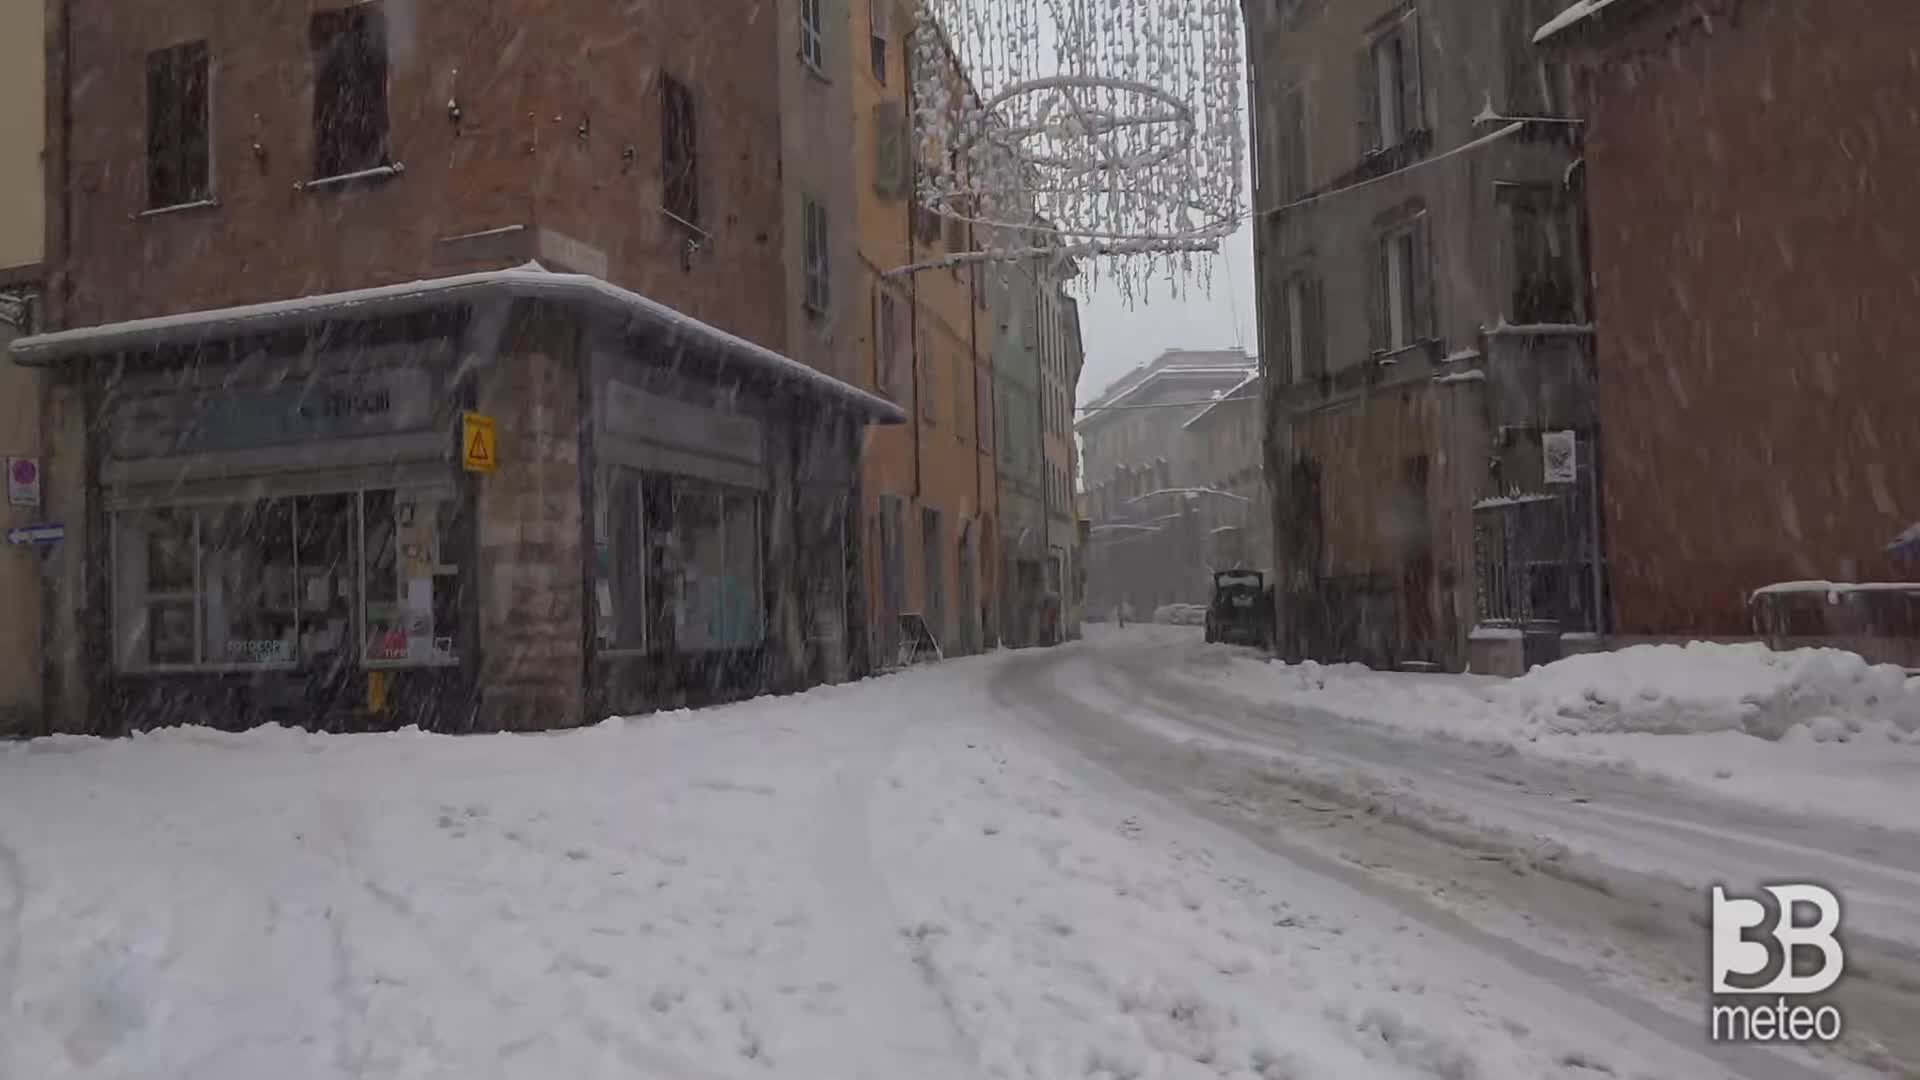 Forte nevicata a Piacenza: vie del centro coperte di neve